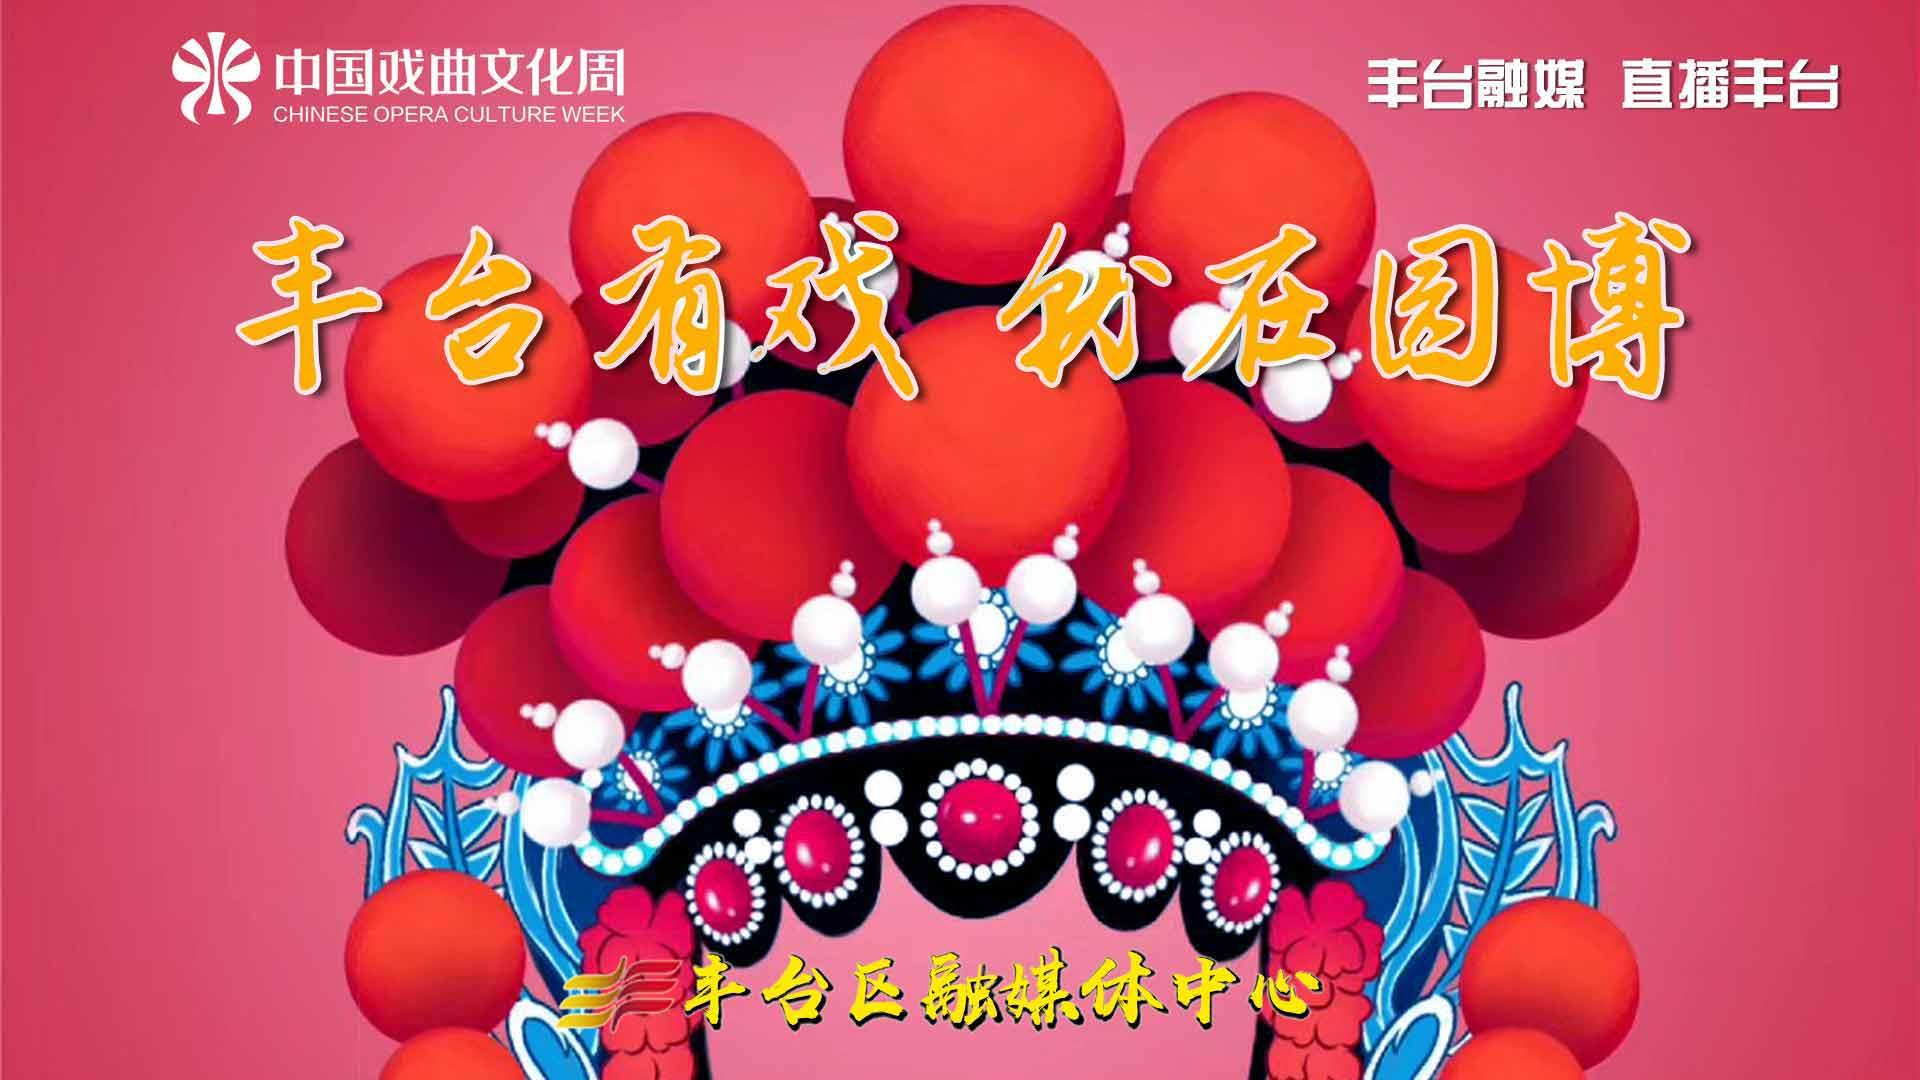 2019中国戏曲文化周